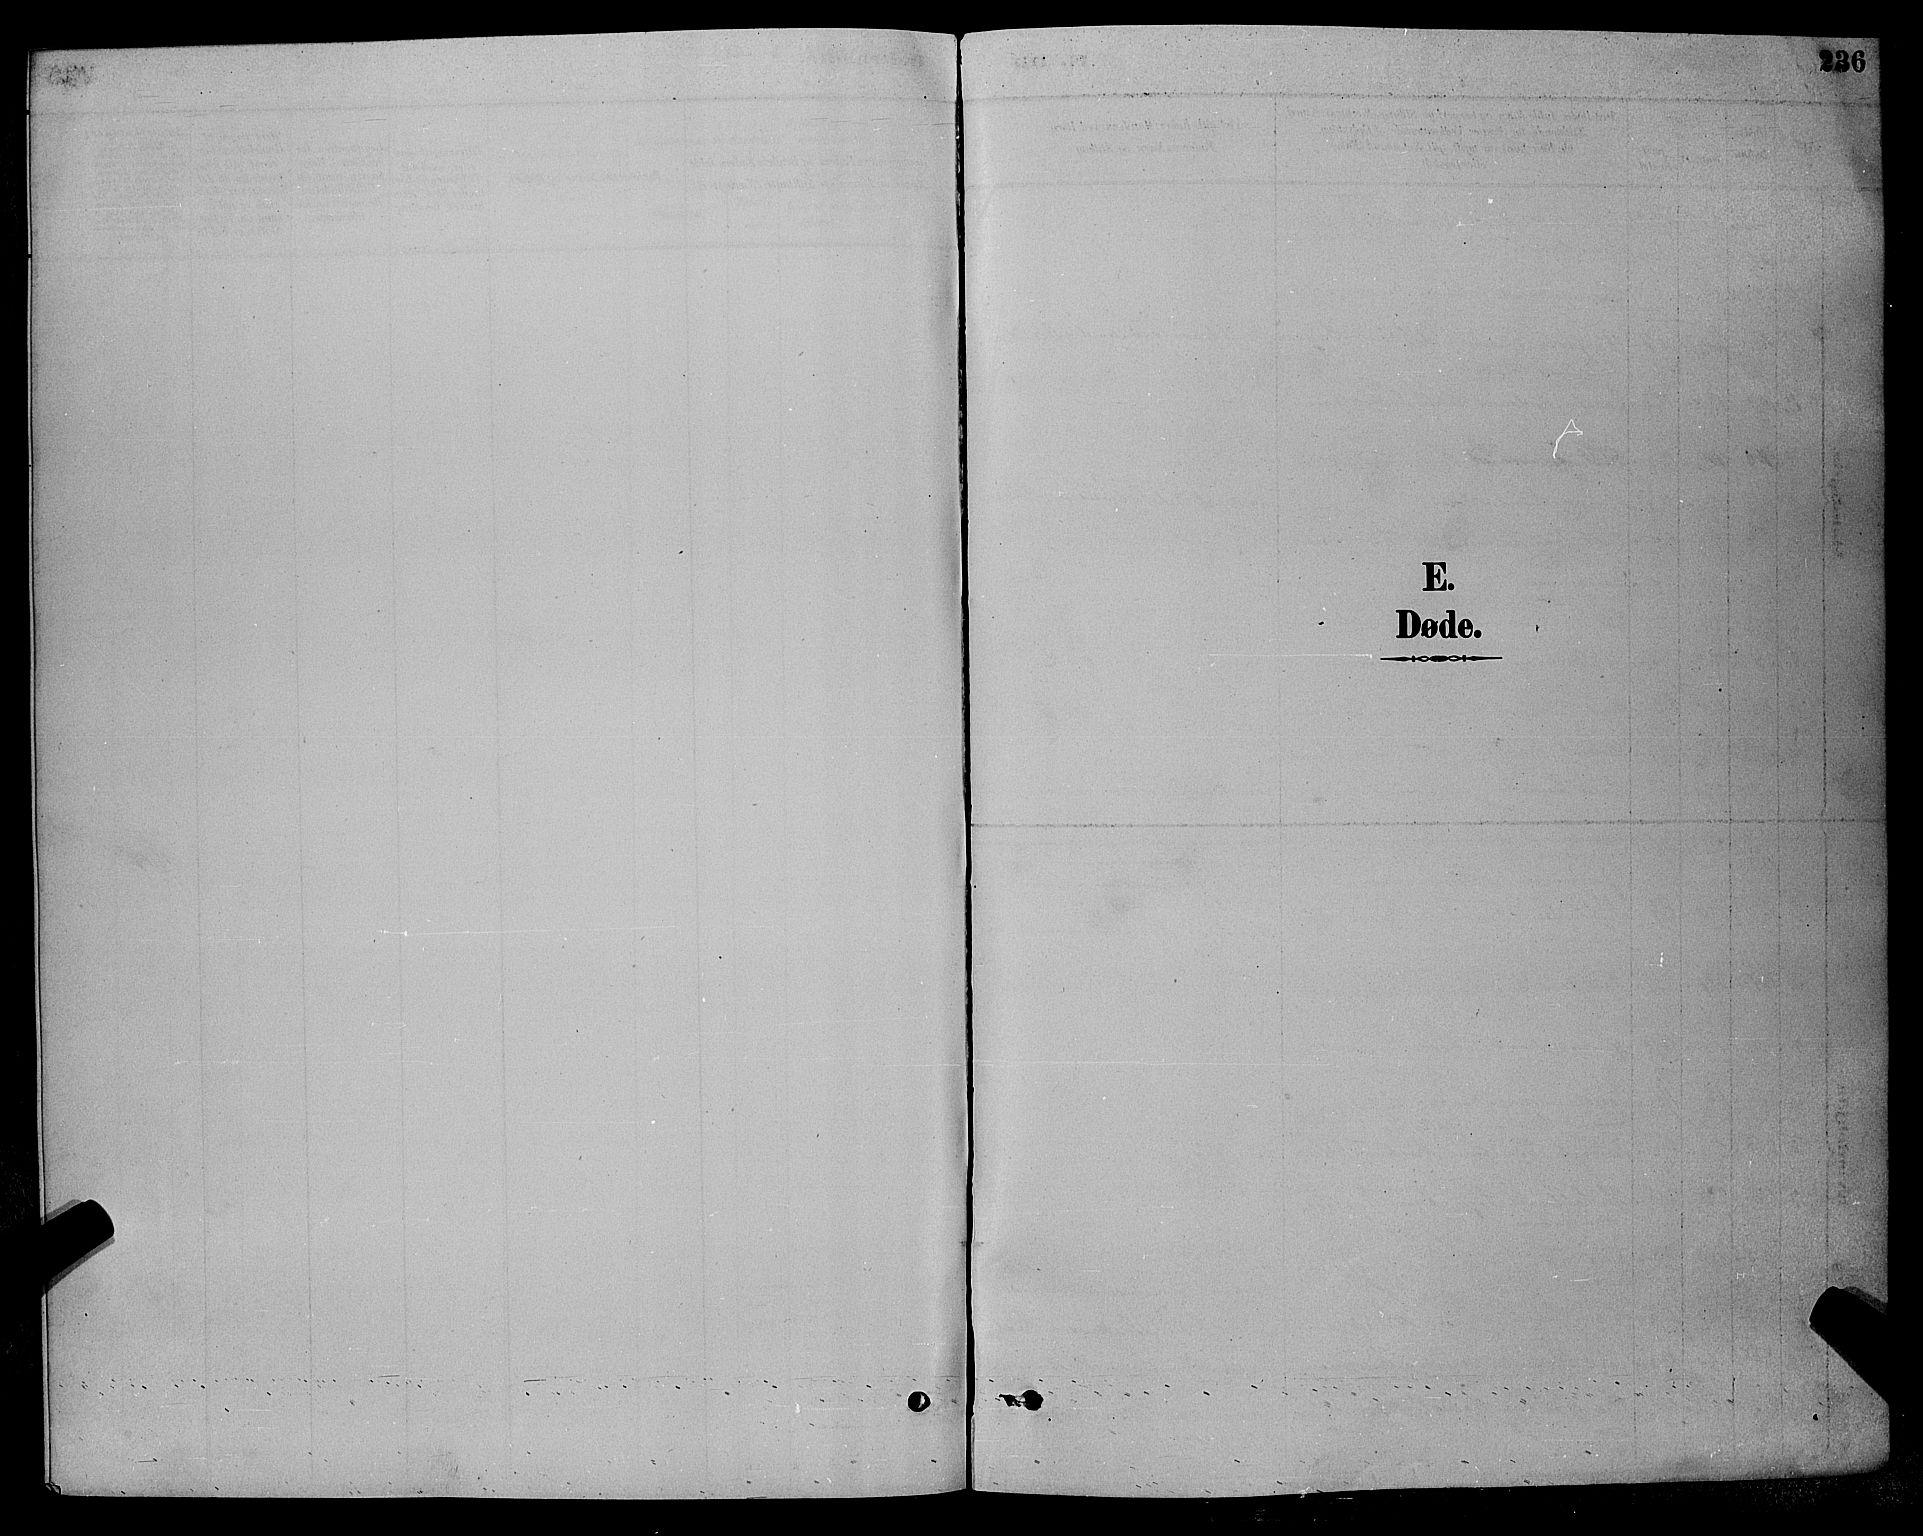 SAK, Øyestad sokneprestkontor, F/Fb/L0009: Klokkerbok nr. B 9, 1886-1896, s. 236